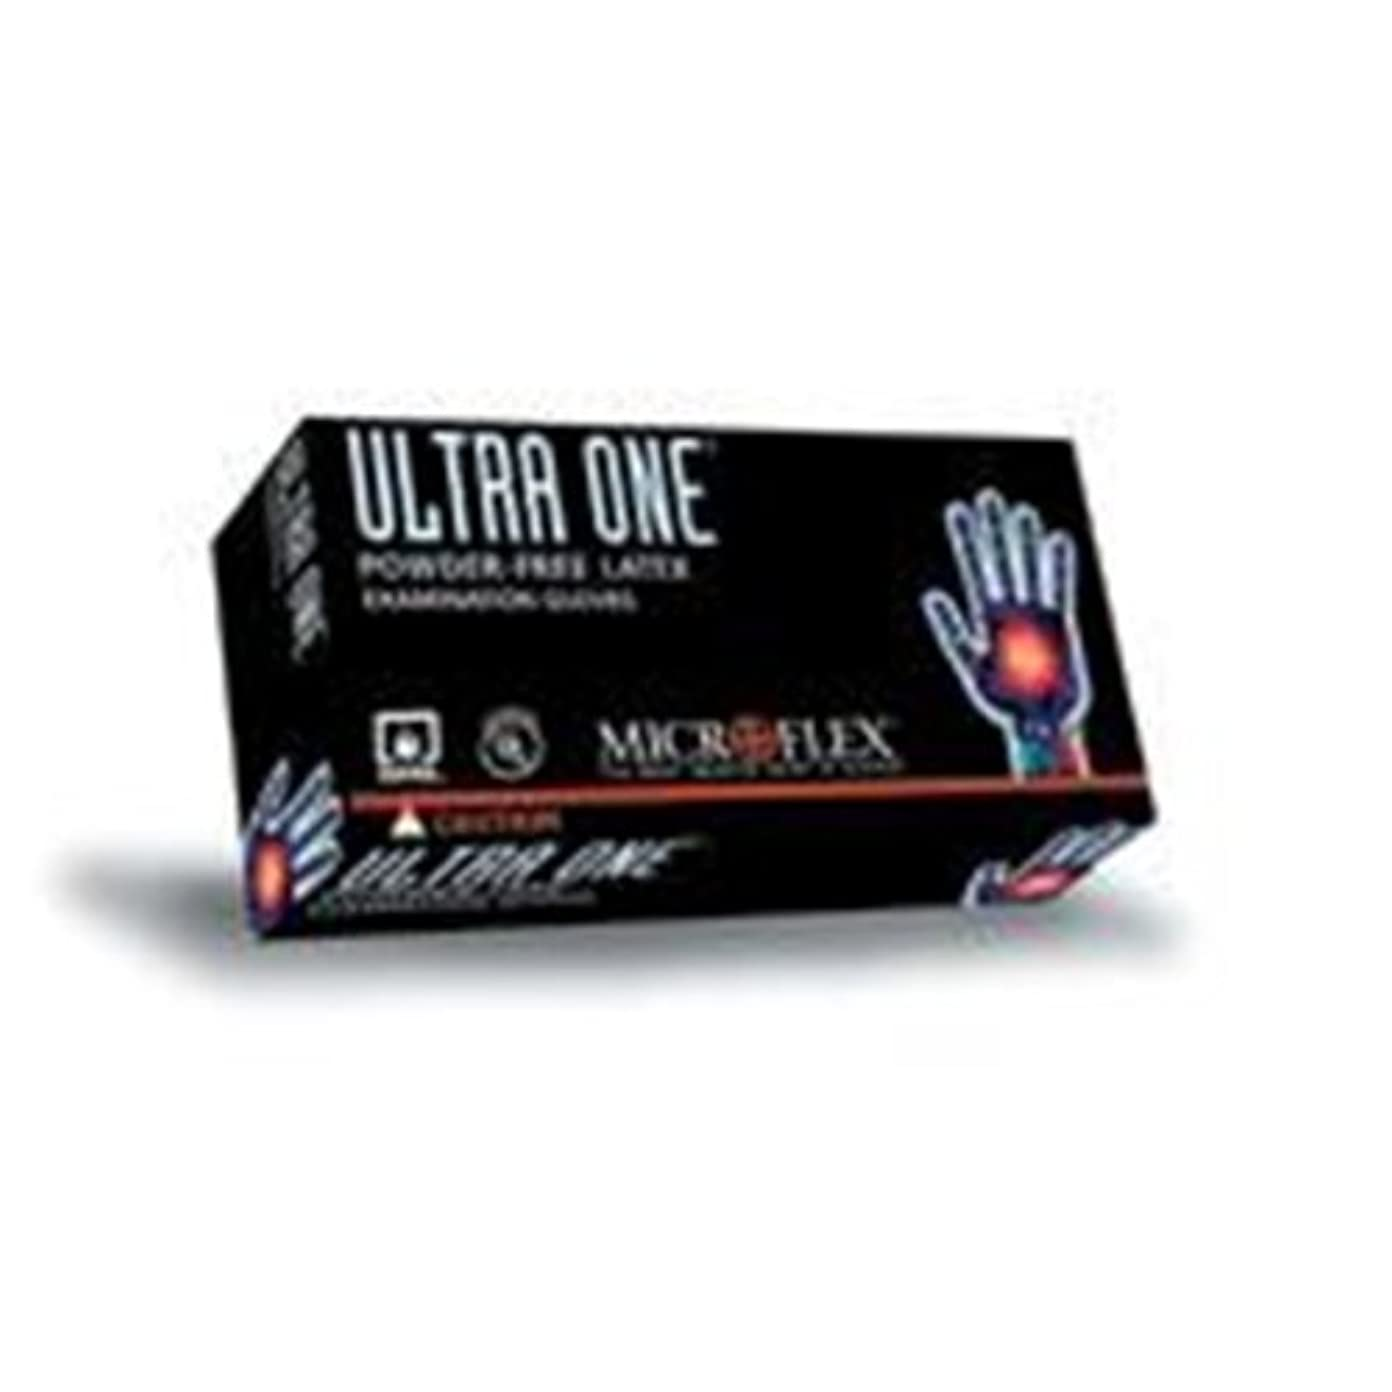 すりチャーターBarrierSafe Solutions International UL315-L Microflex Ultra One 9.8 mil Latex Ambidextrous Non-Sterile Powder-Free...